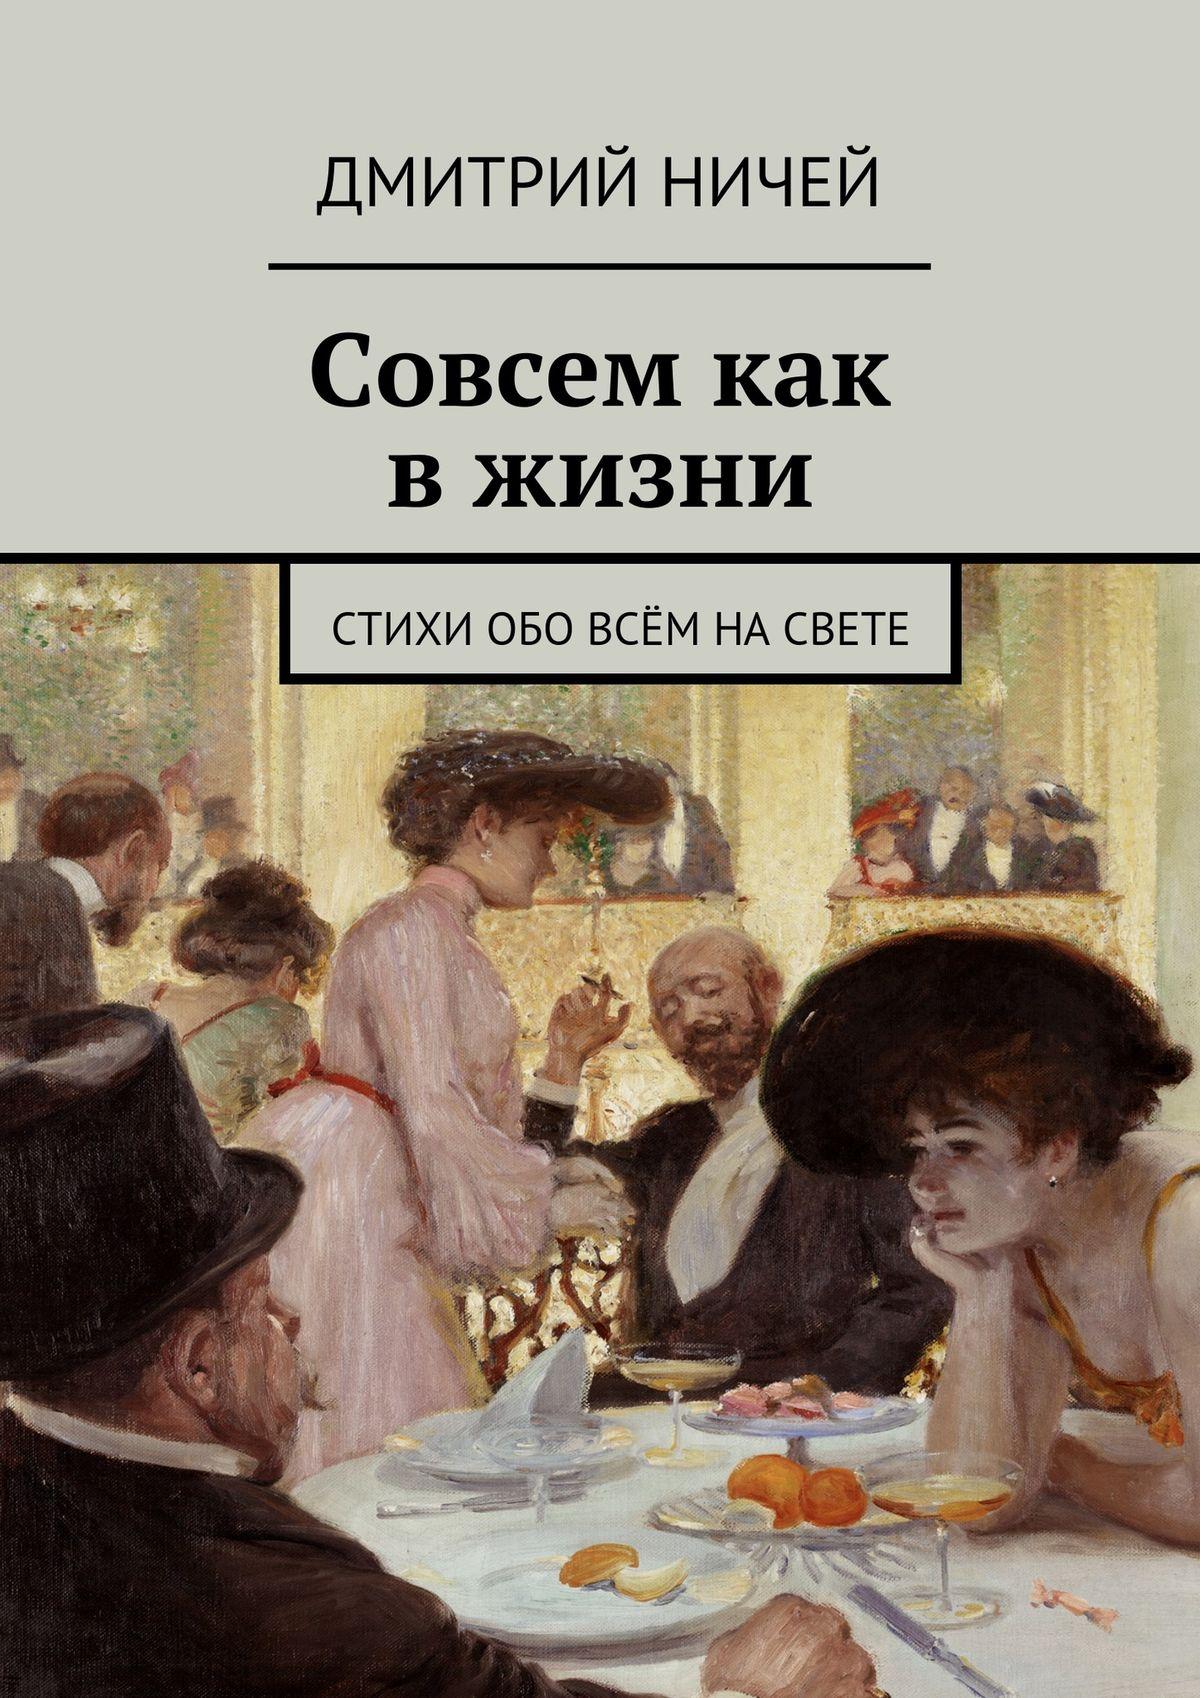 Дмитрий Ничей Совсем как в жизни дмитрий ничей мудрость в пыли книга вторая острая душевная недостаточность